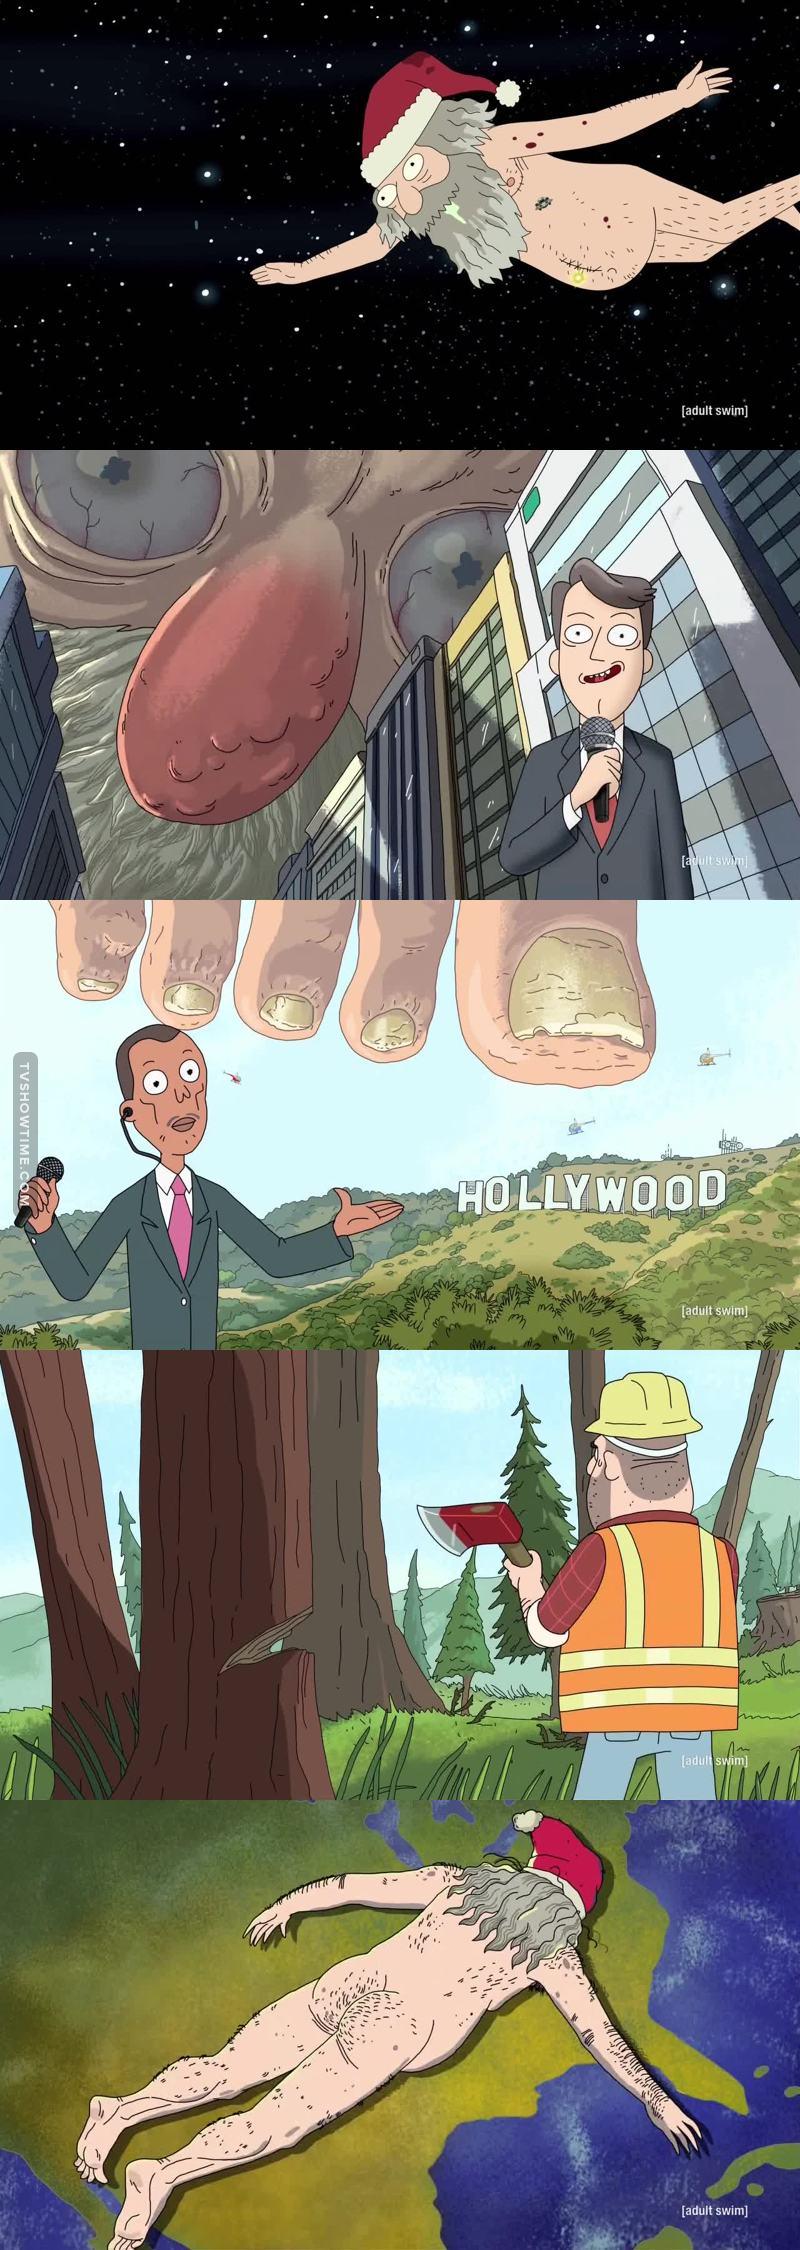 TV Time - Rick and Morty S01E03 - Parque anatómico (TVShow Time)